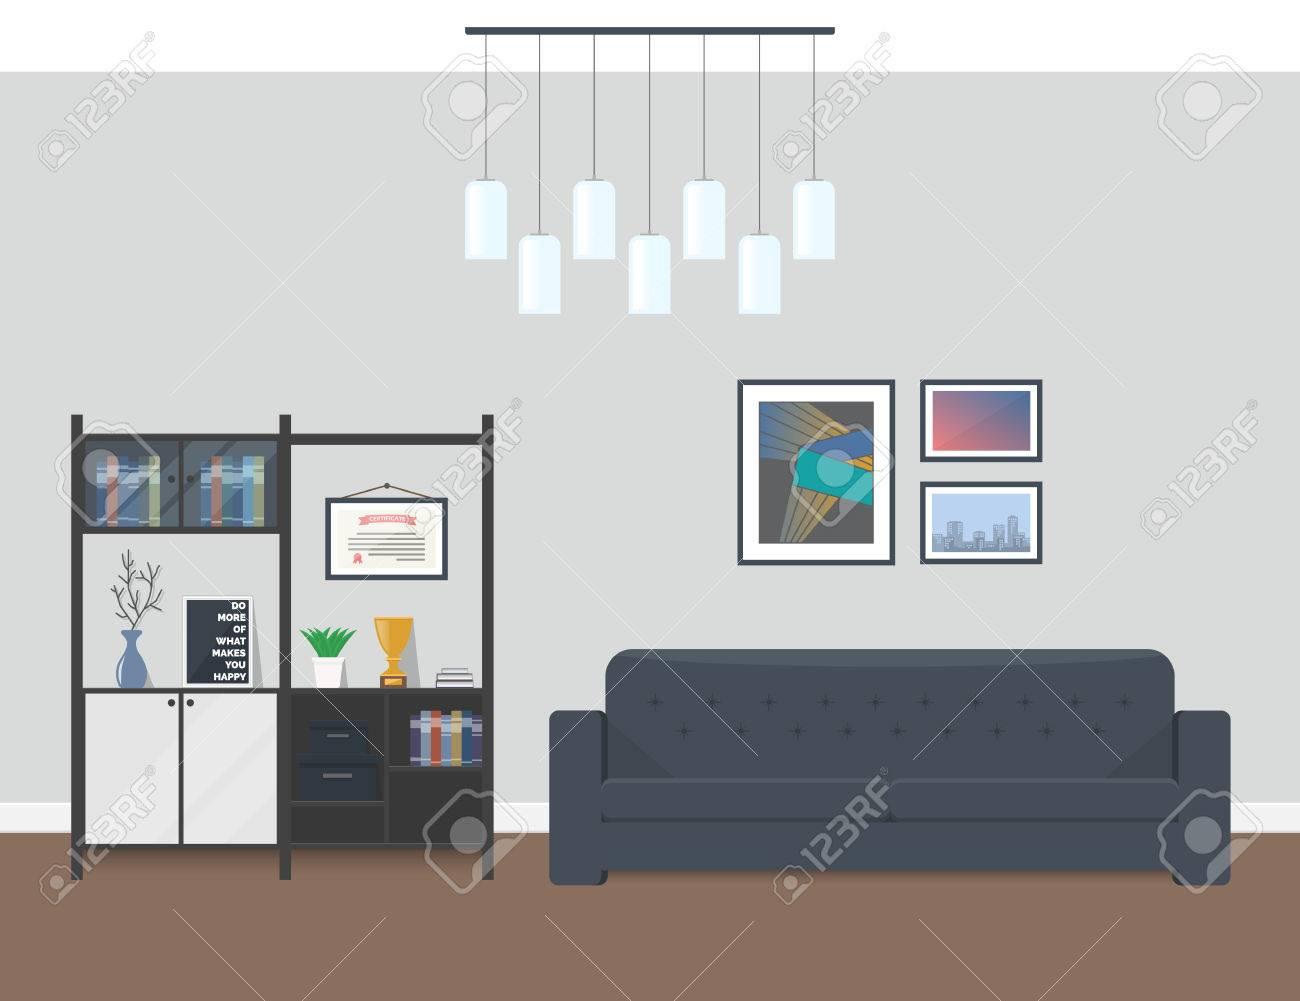 Innenarchitektur Des Modernen Wohnzimmers. Erholungsgebiet Im Büro ...